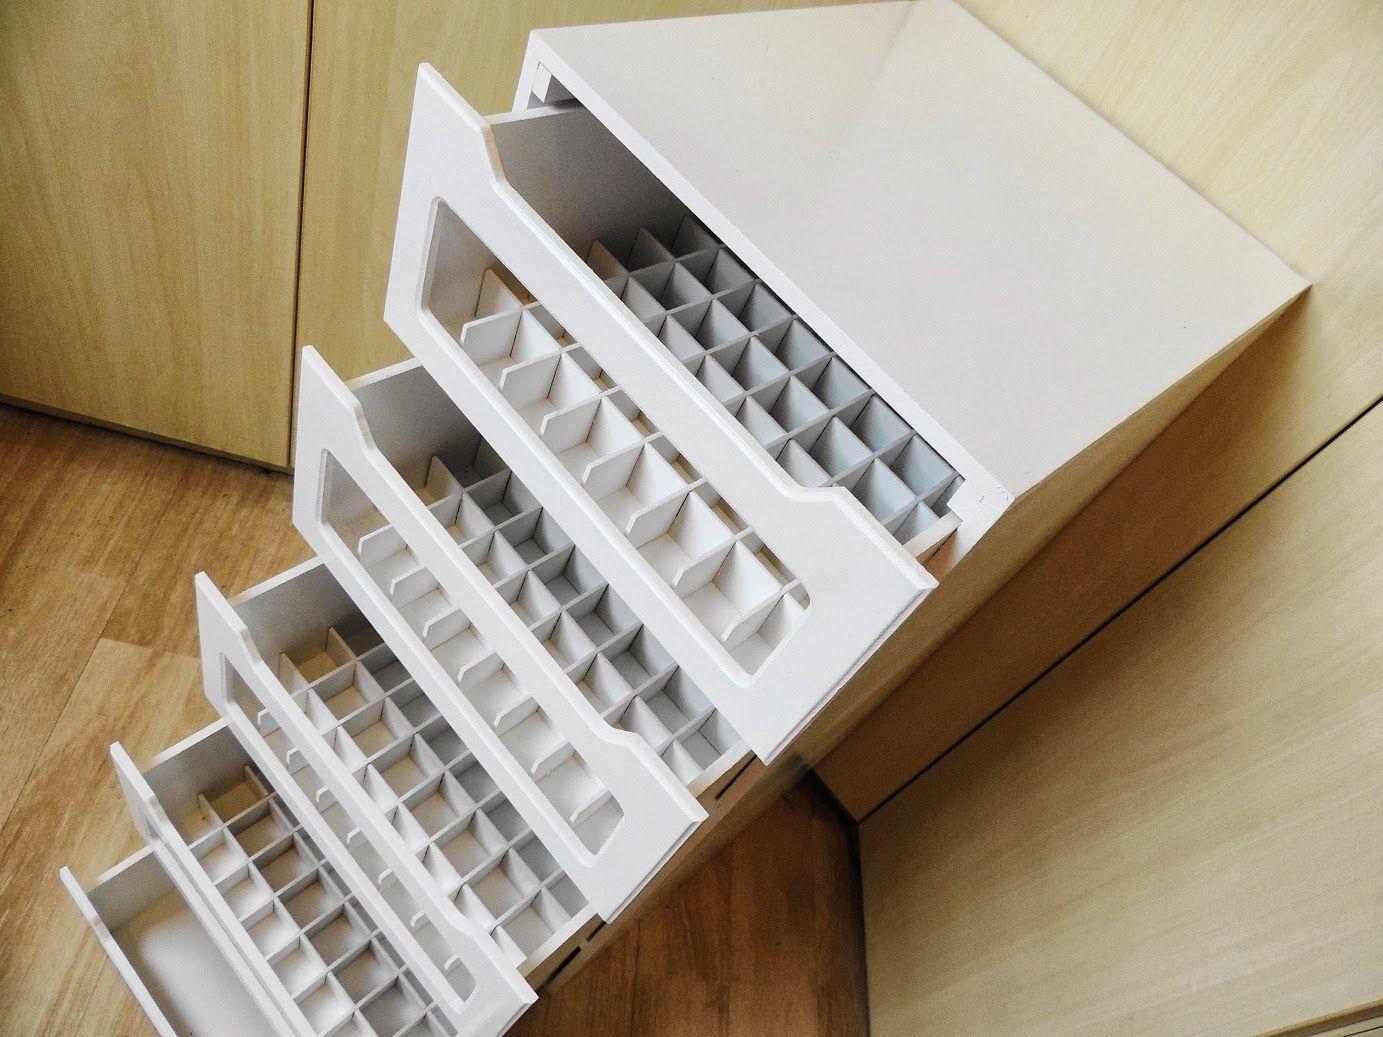 Cajas para guardar y conservar esmaltes escritorios toda for Decoracion en mdf para pared